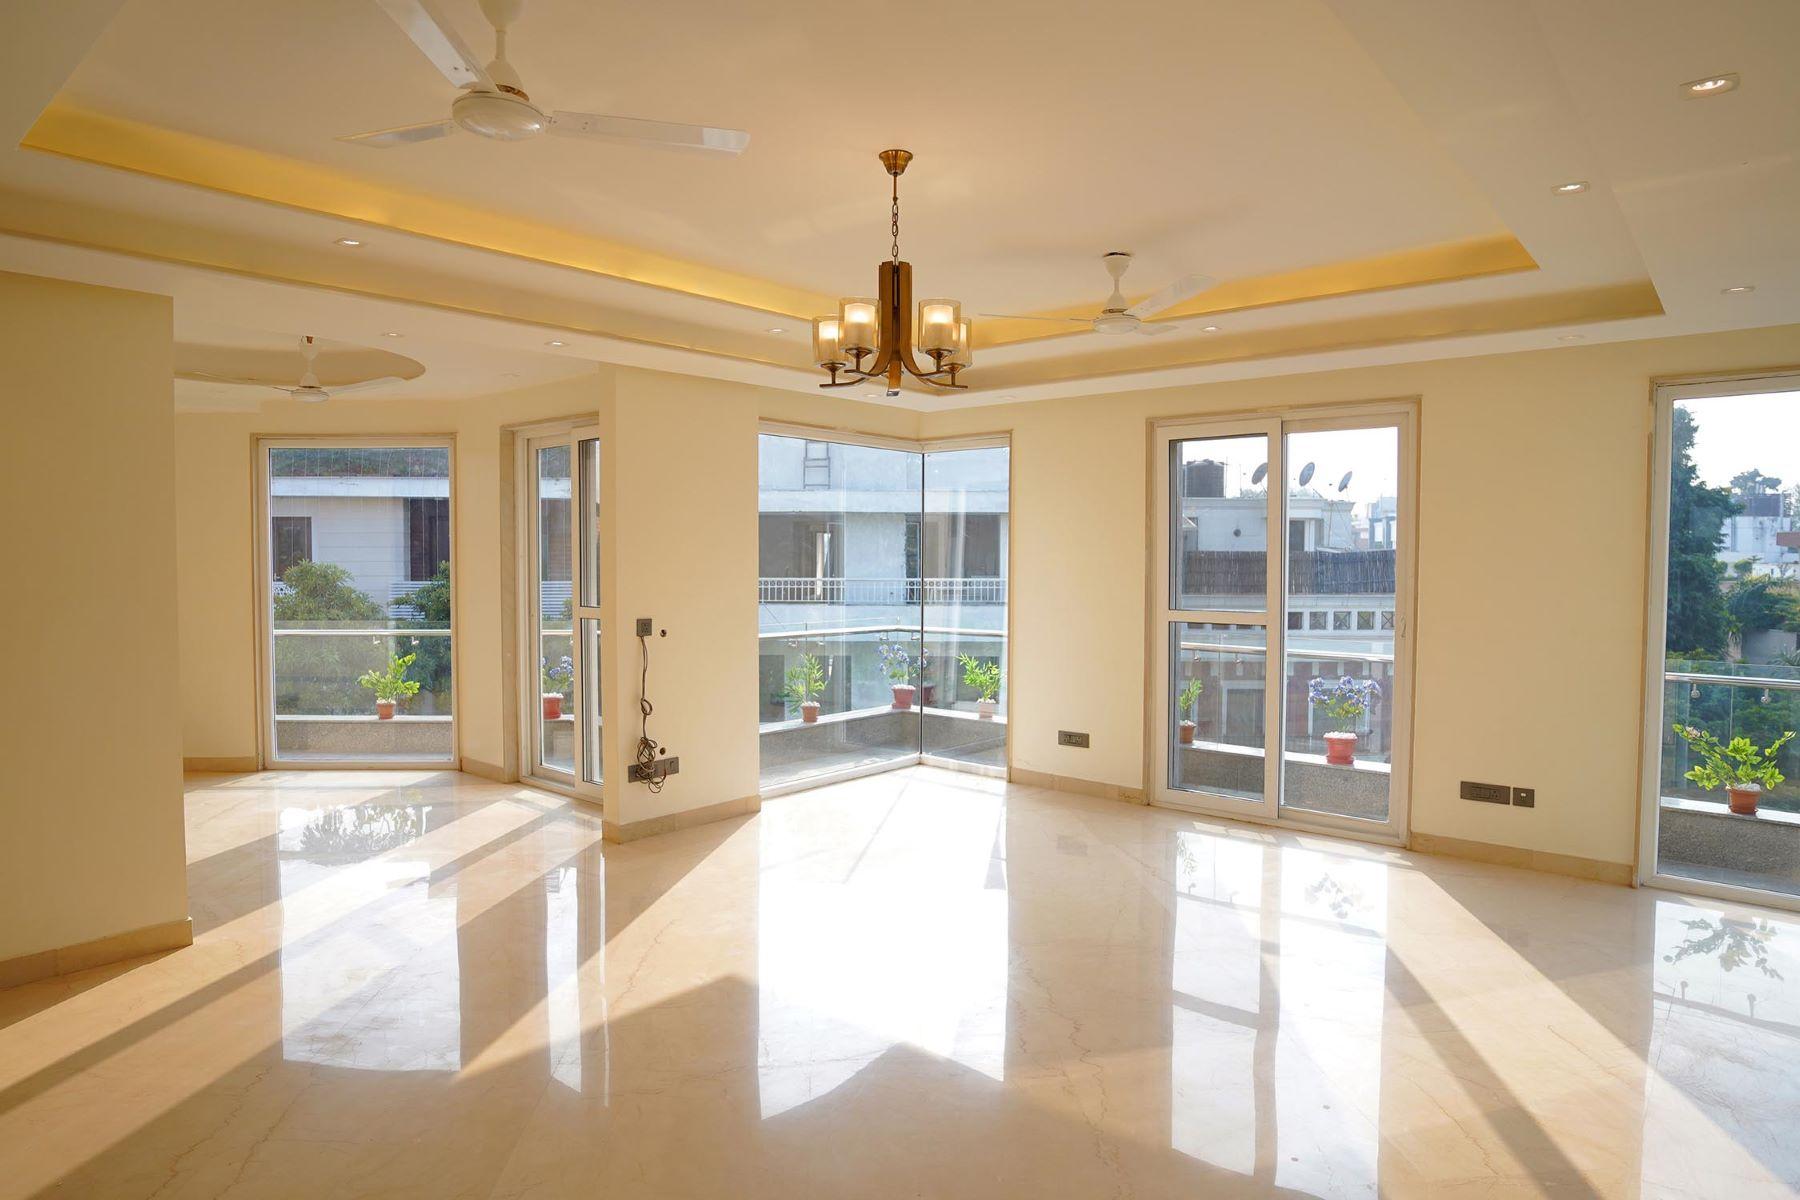 Apartments 为 出租 在 Apartment with Terrace in Hauz Khas Enclave Hauz Khas Enclave 新德里, 德里 110016 印度